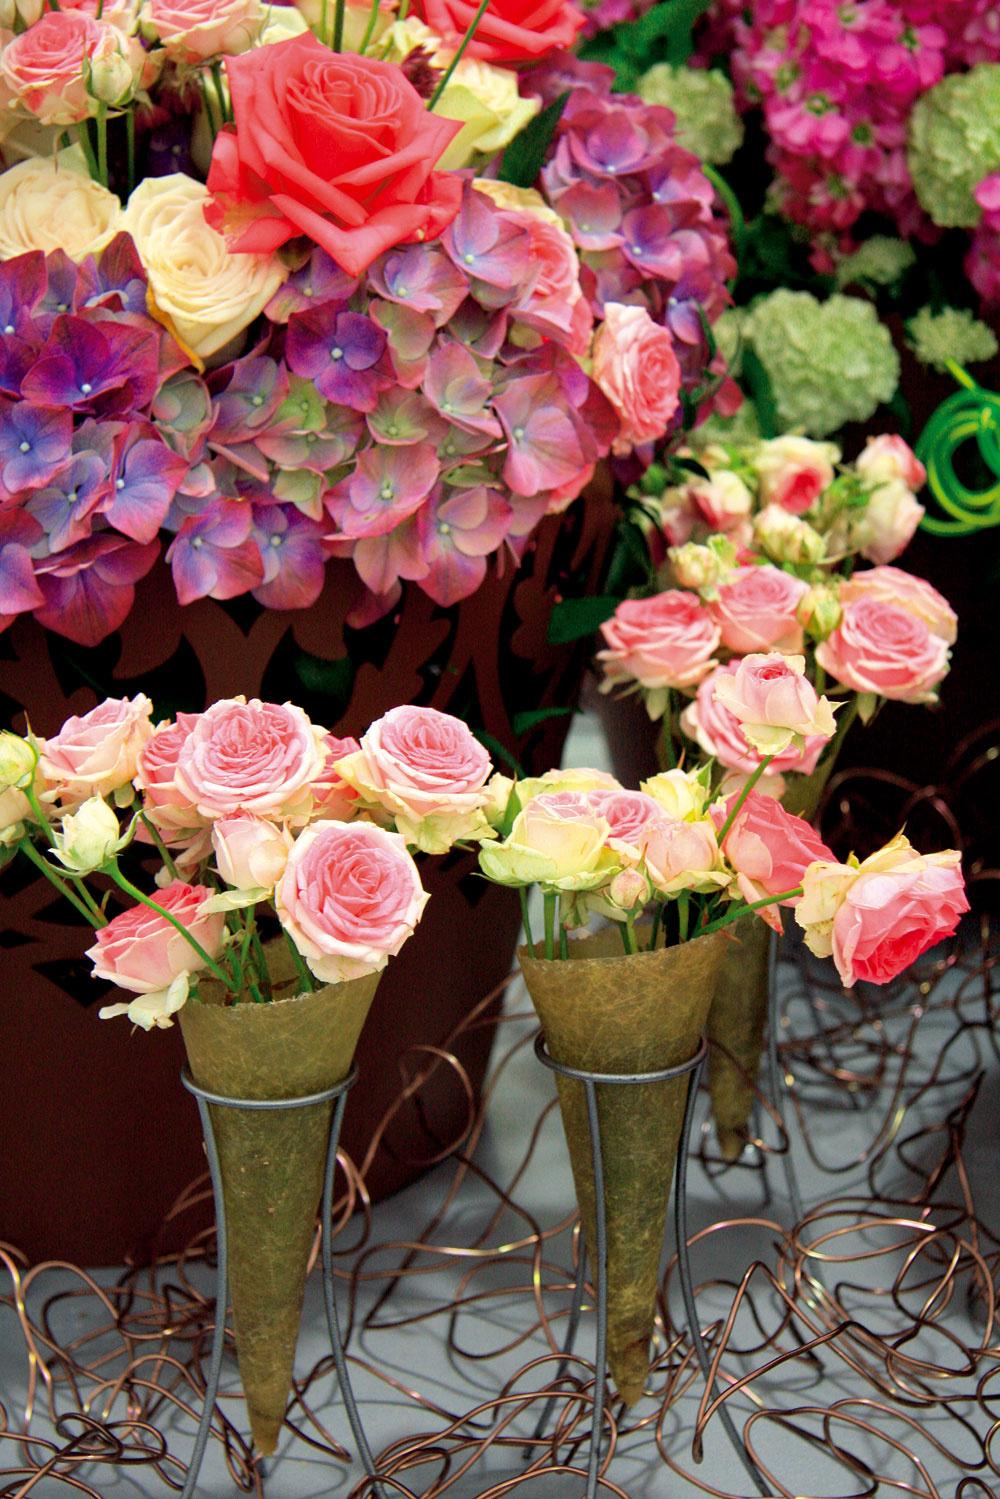 Tip na dekoráciu:  Ruže zvlastnej záhrady Najkrajšie anajvzácnejšie kvety sú tie, ktoré si človek vypestuje sám. Vtomto období hýria záhrady množstvom nádherných kvetín, ku ktorým nesporne patria ruže. Práve znich sa dajú vytvoriť krásne aletnou atmosférou dýchajúce kvetinové dekorácie. Môžete si ich nainštalovať vinteriéri alebo aj exteriéri – napríklad na terase. Ak chcete, aby vám rezané ruže vydržali vo váze čo najdlhšie, mali by ste ich zberať ráno. Pomôže aj odstránenie všetkých listov zkoncov stoniek. Pri vkladaní ruží do vázy nesmú byť nijaké listy ponorené vo vode. Stonky nazberaných ruží šikmo zrežte ostrým nožom apotom urobte ešte jeden, čo najhlbší priečny zárez. Okrem toho sa vyplatí jemne zoškrabať aj zelenú časť, teda jemnú kôru zo stoniek. Takto predĺžite trvanlivosť rezaných kvetov. Myslite aj na výživu, ktorú vopred primiešajte do vody. Nezabudnite, že váza sružami by nemala byť vbyte umiestnená na príliš slnečnom mieste.